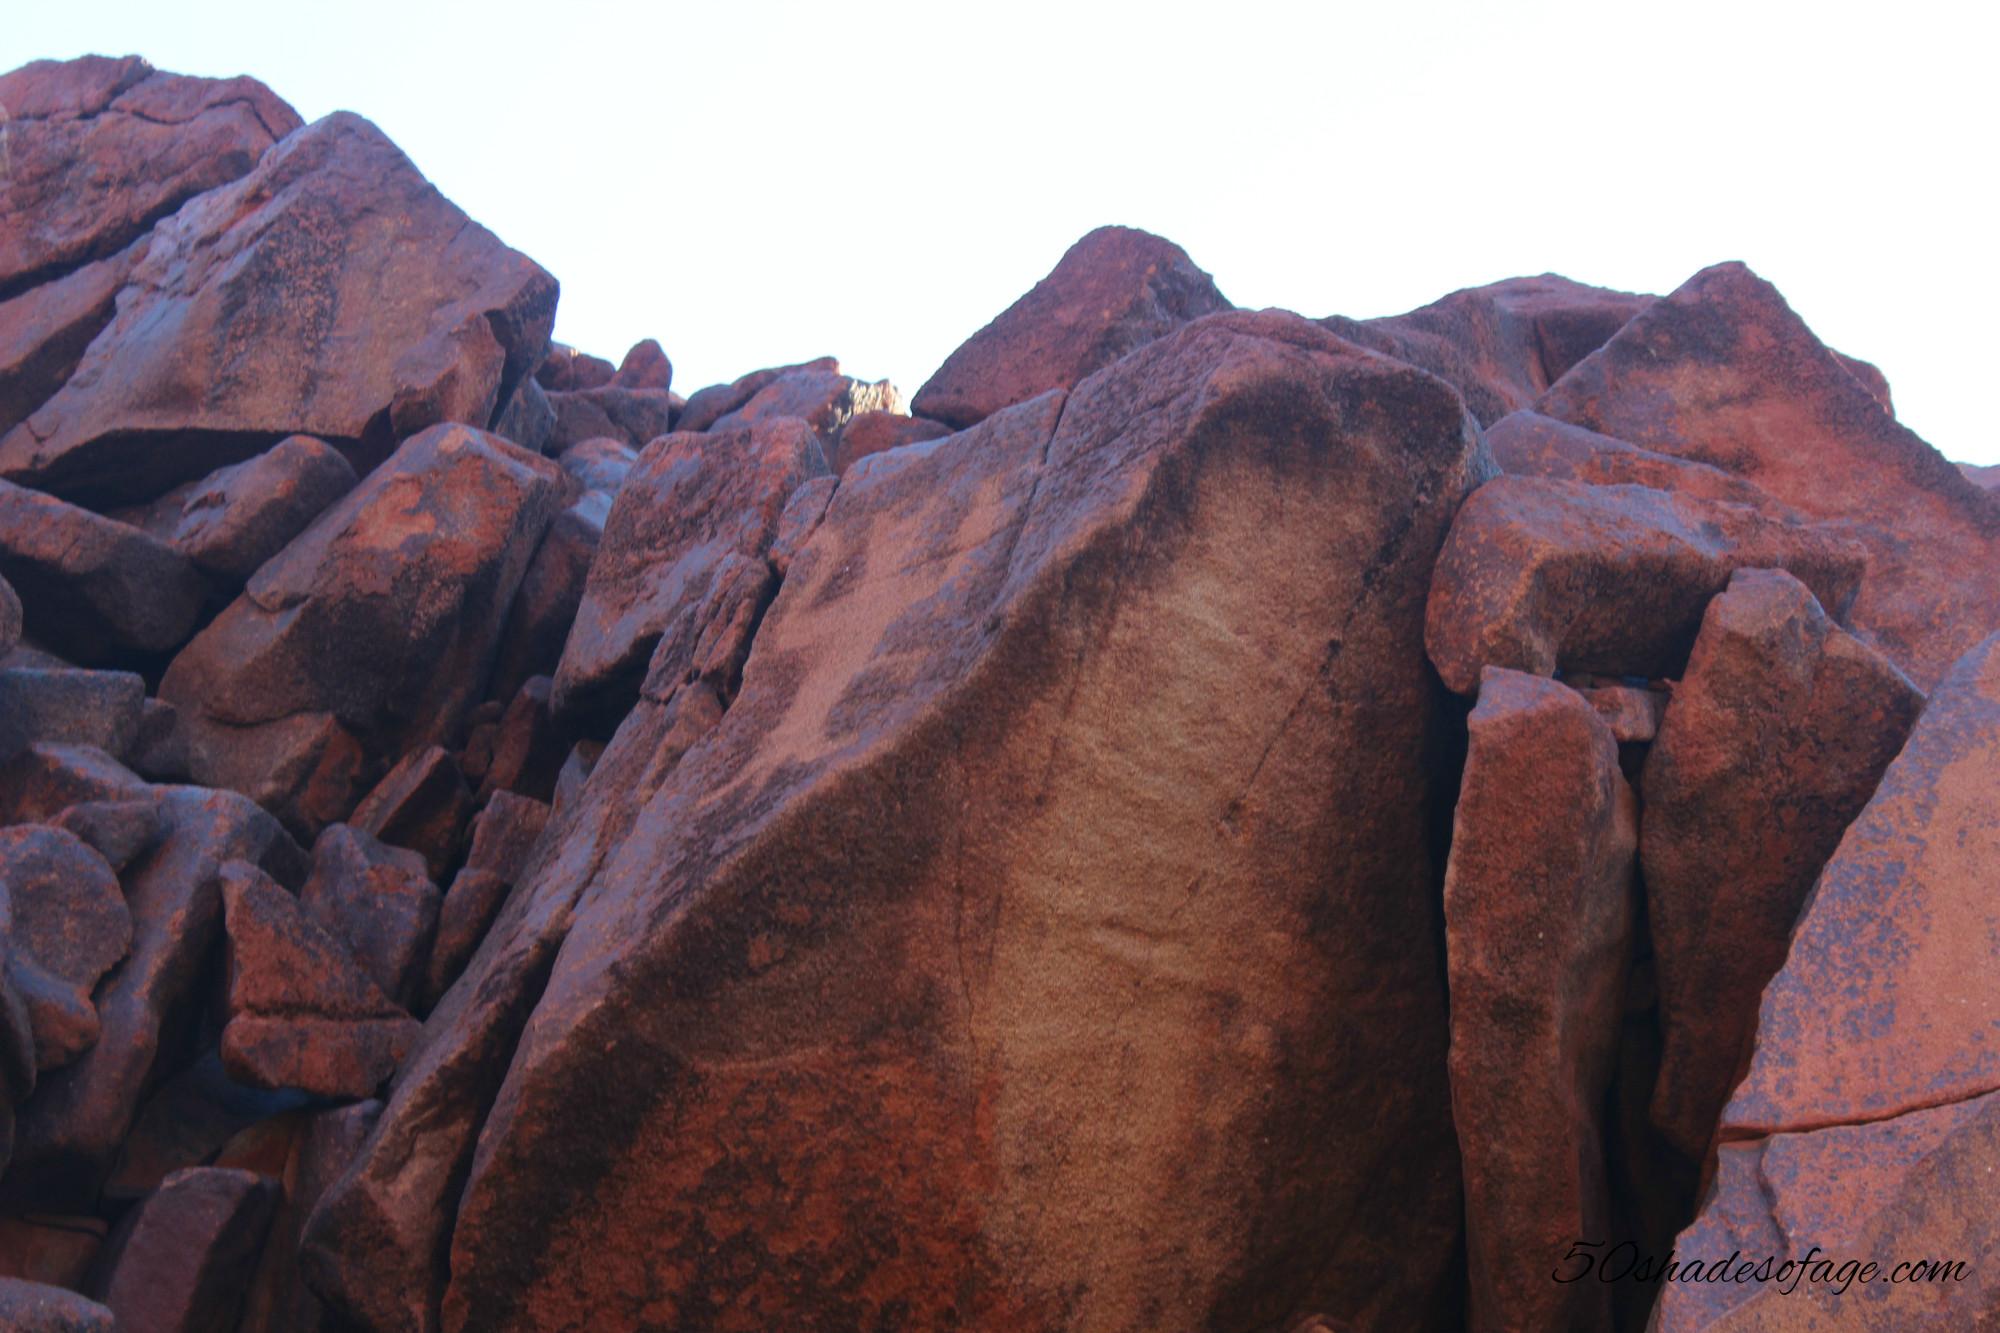 Aussie Remarkable Rocks – Part 2